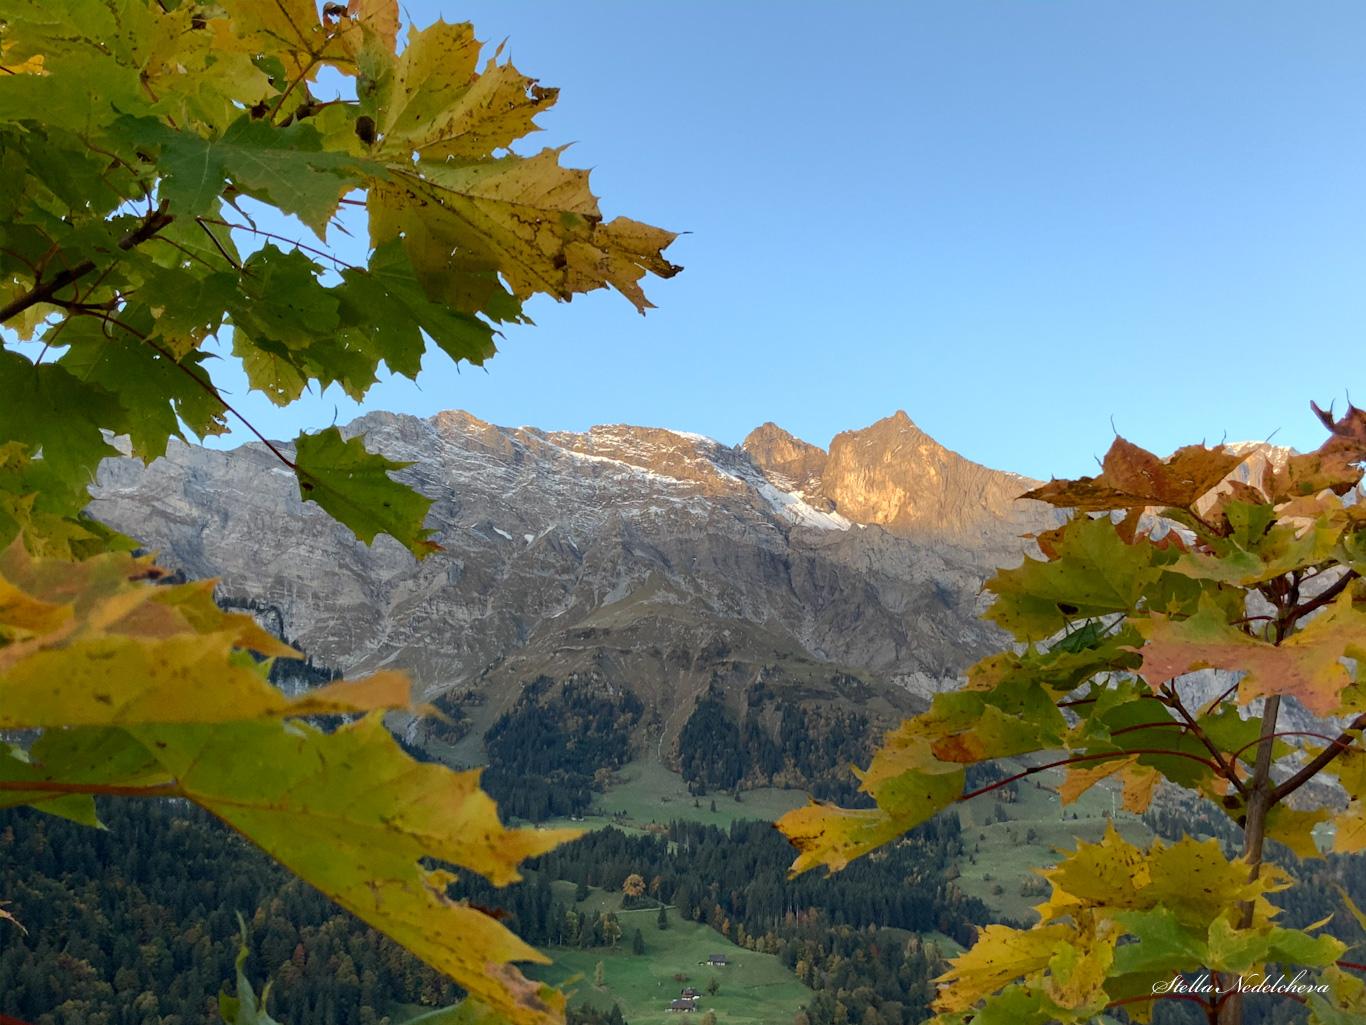 Vue sur des sommets alpins entre les feuilles d'automne